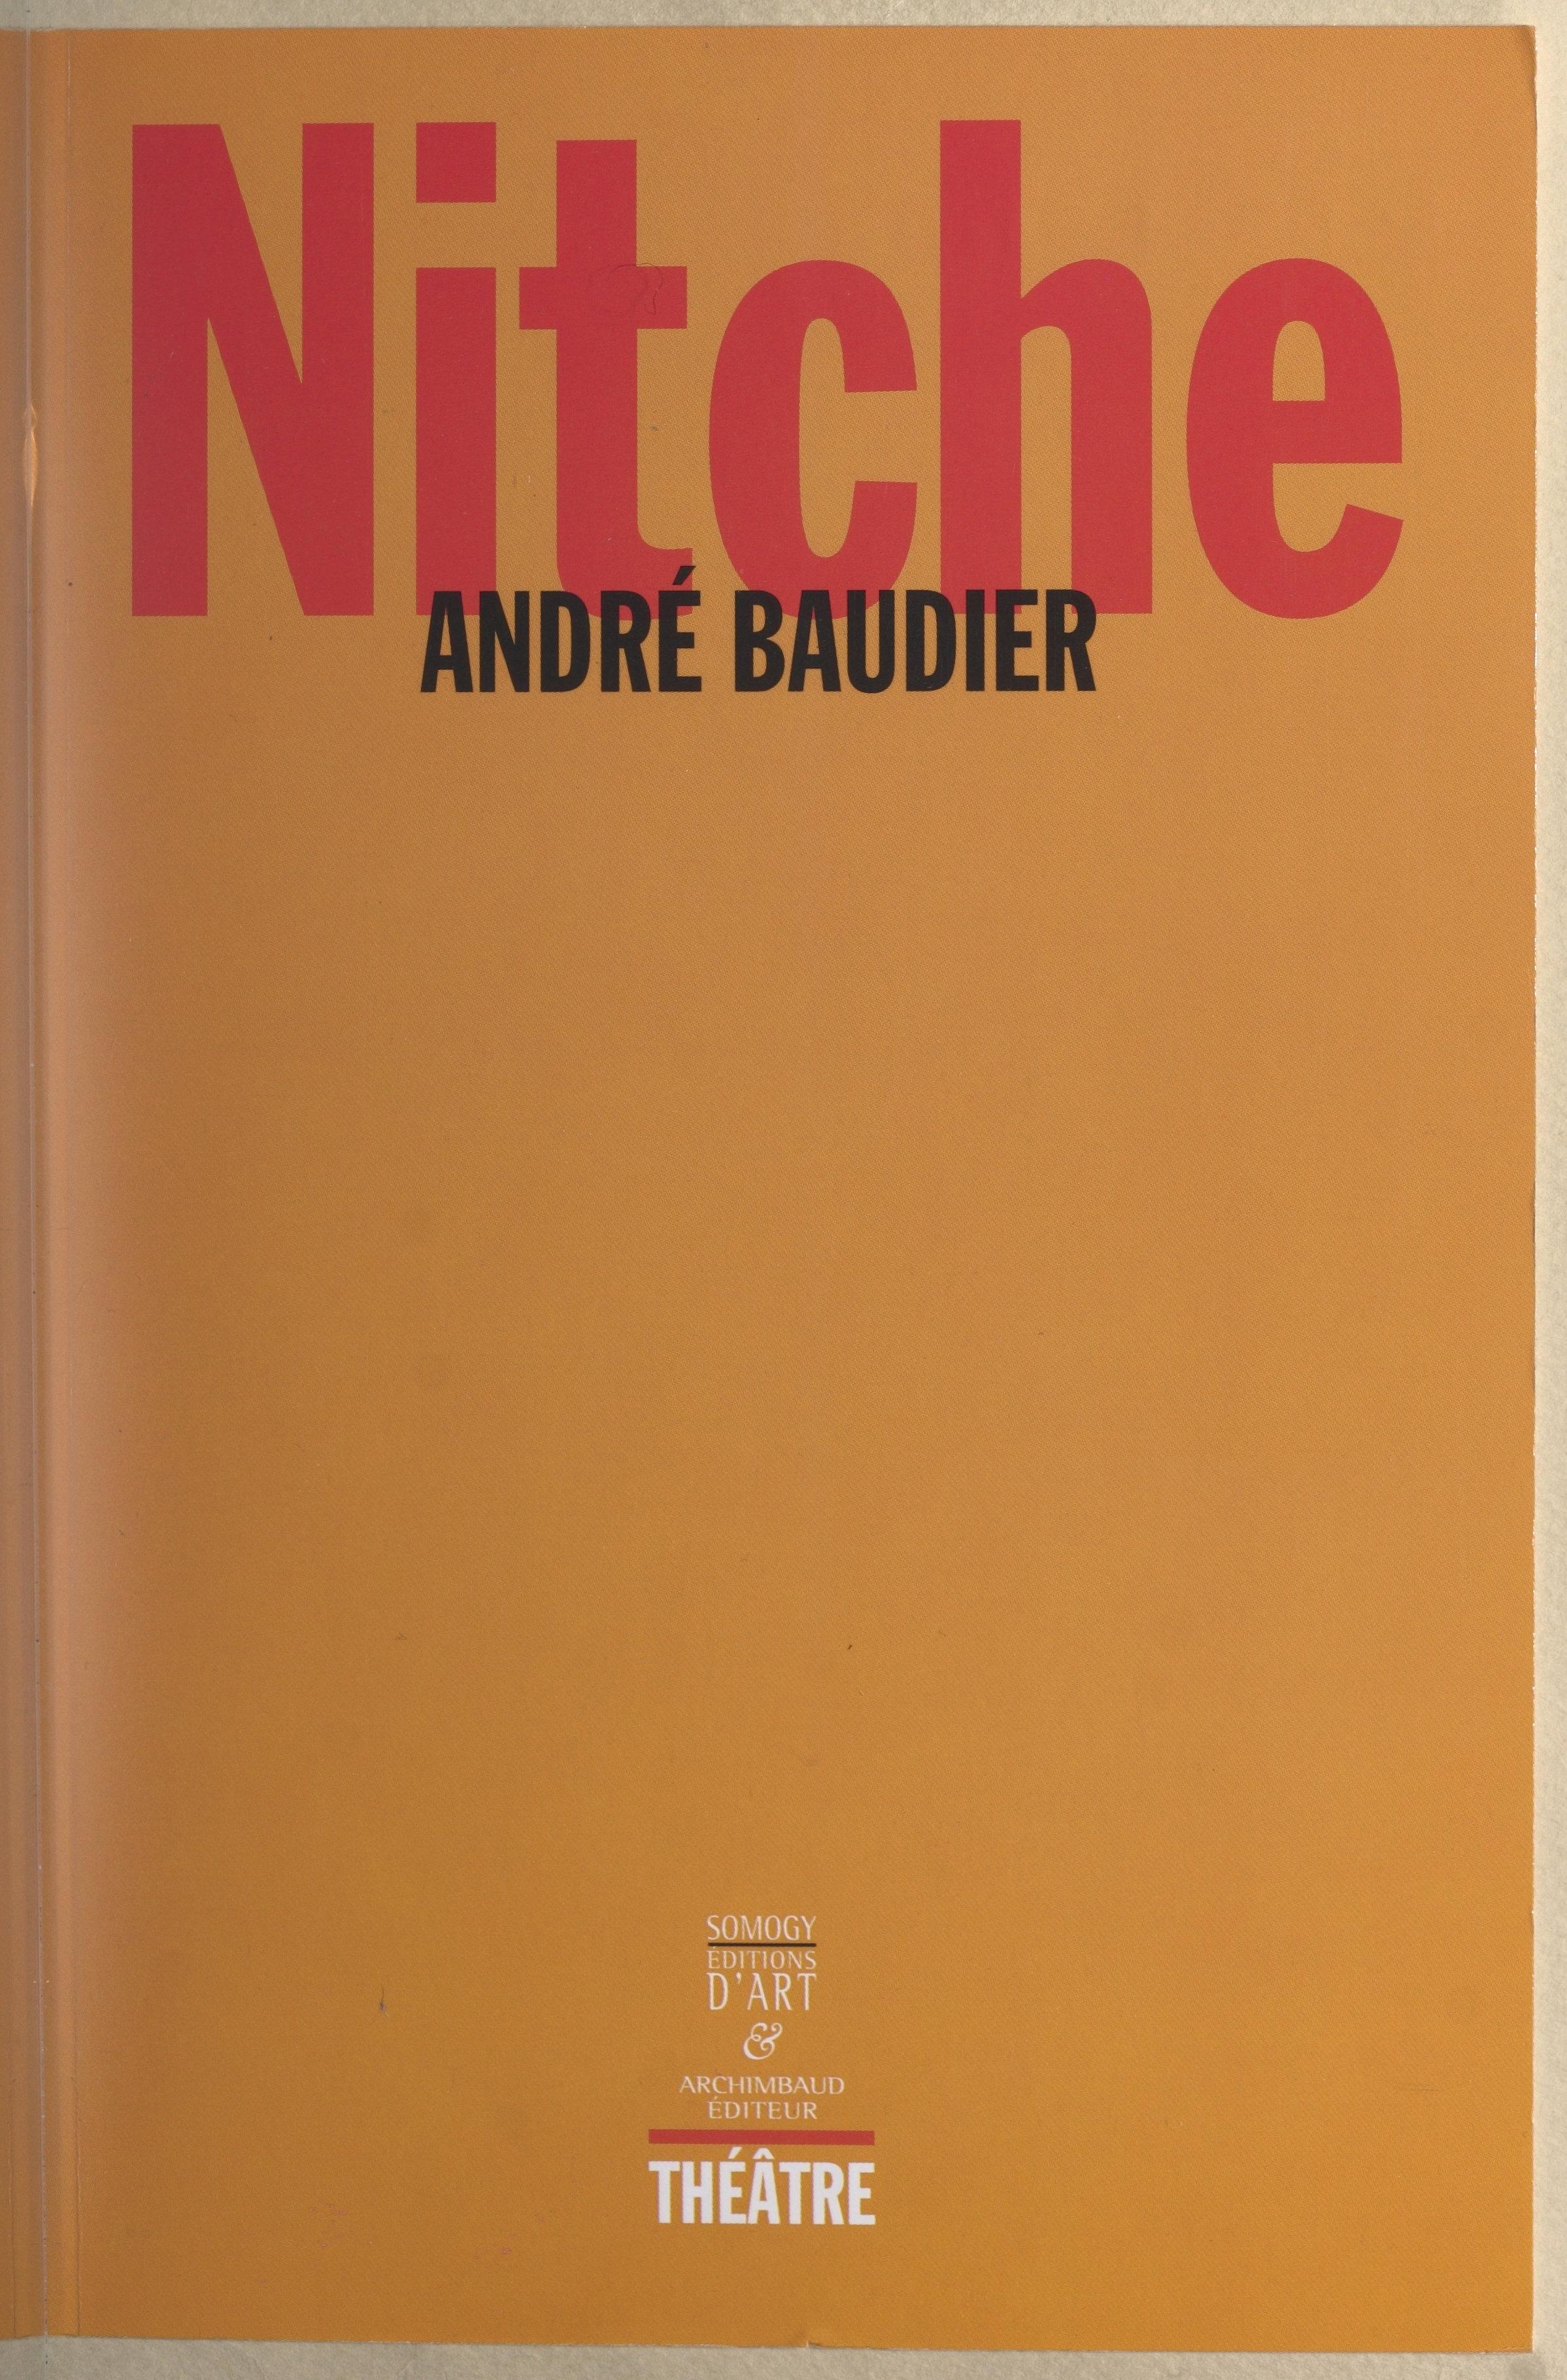 Nitche